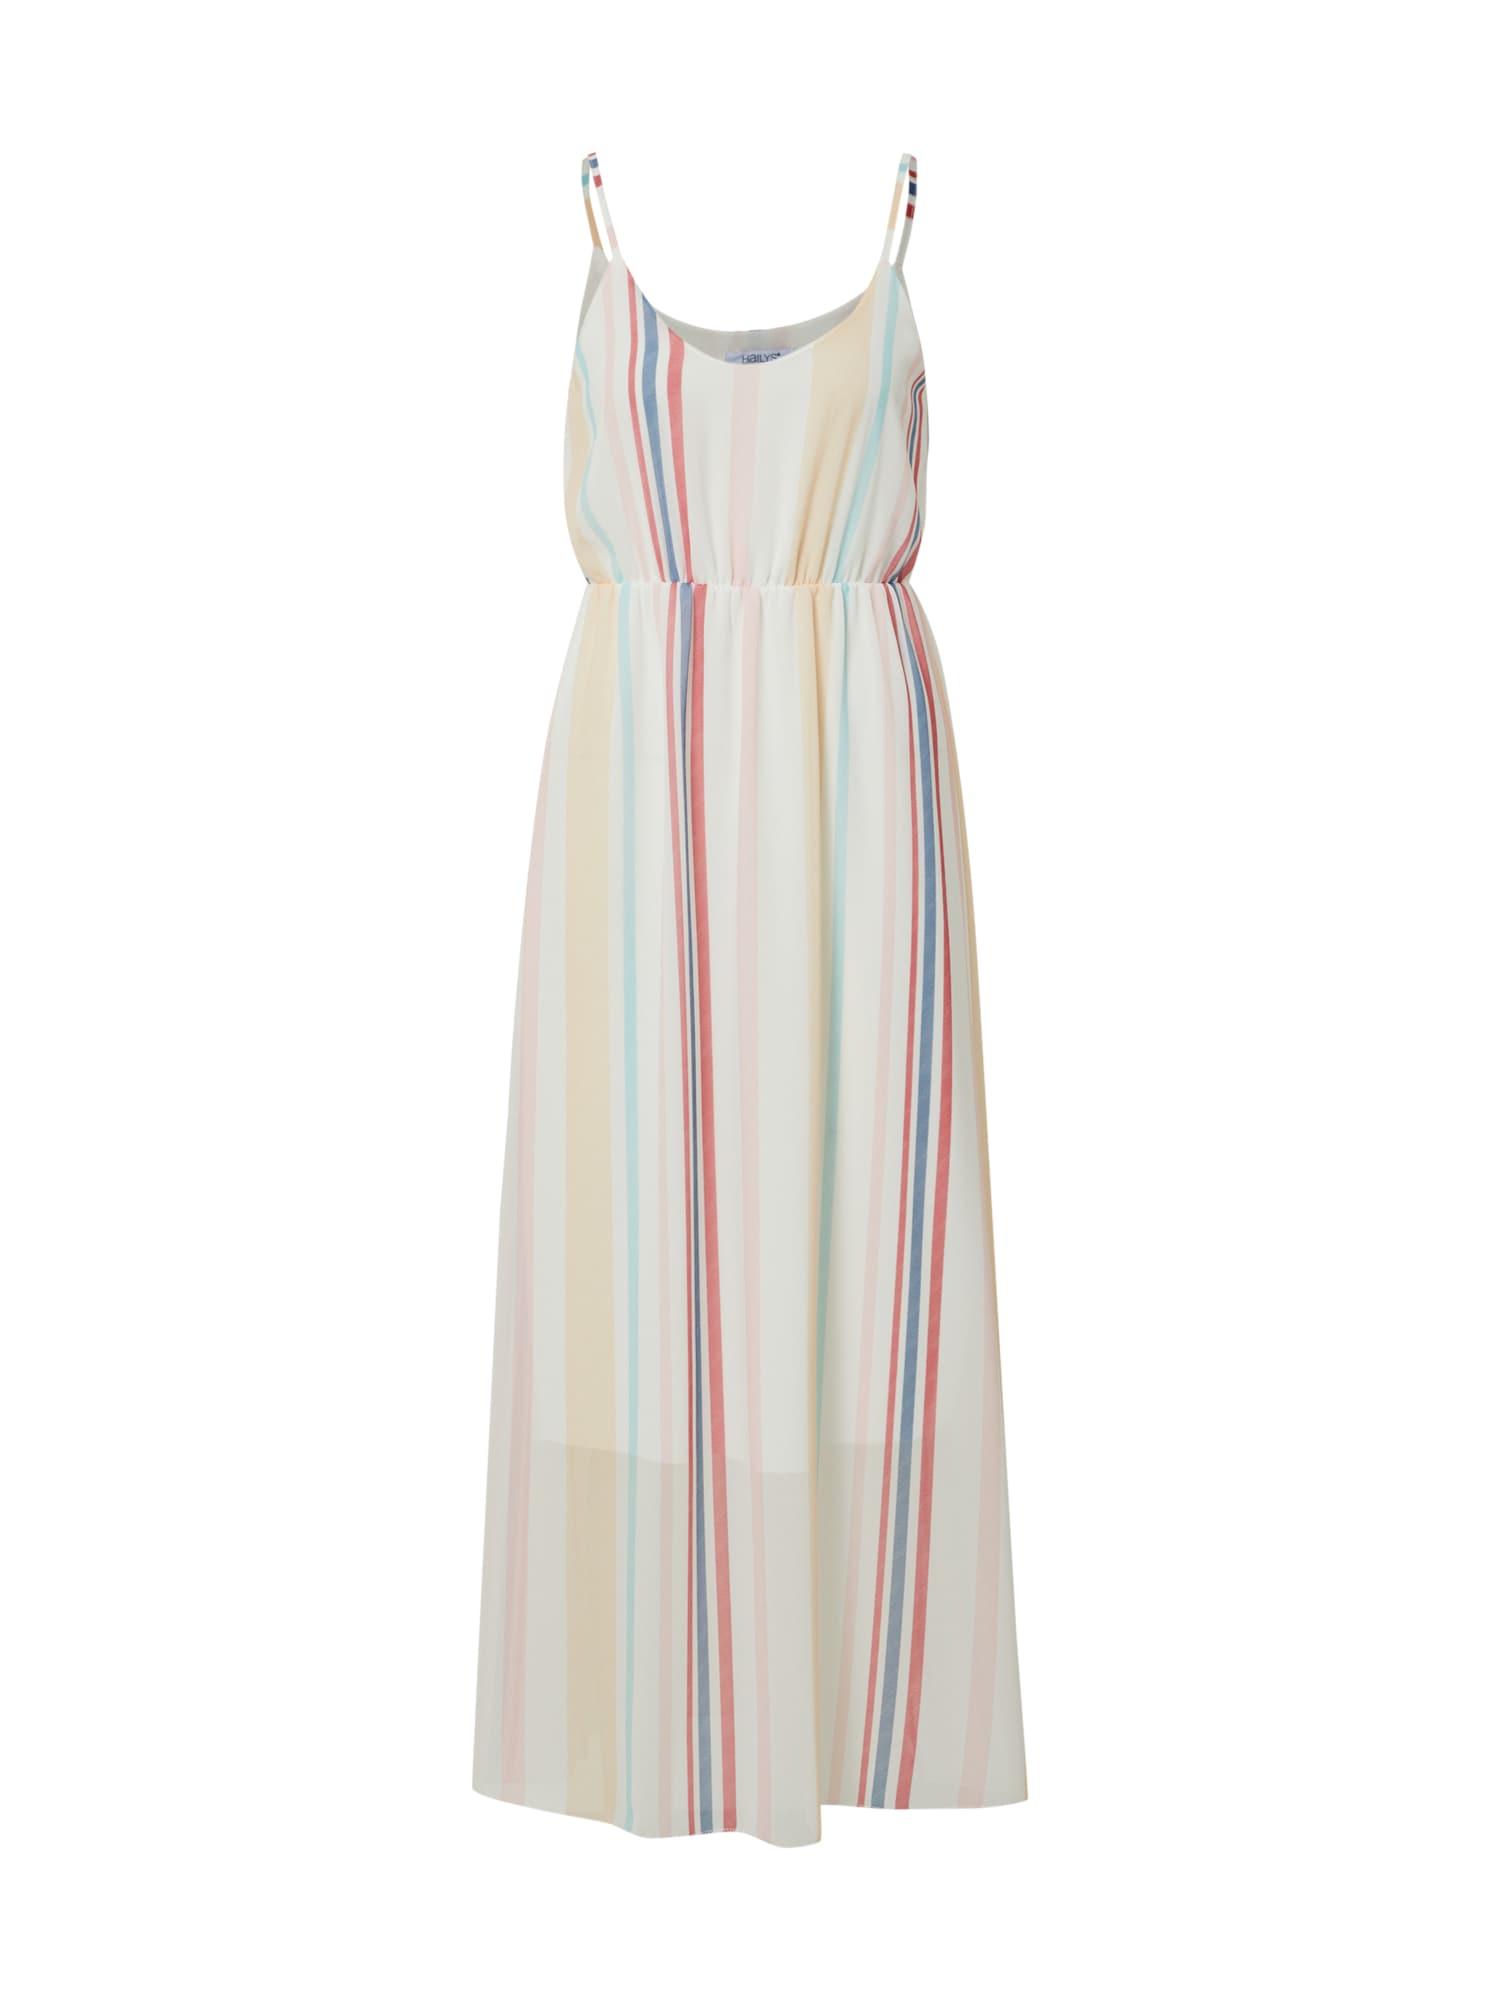 Hailys Vasarinė suknelė 'Sabrina' mišrios spalvos